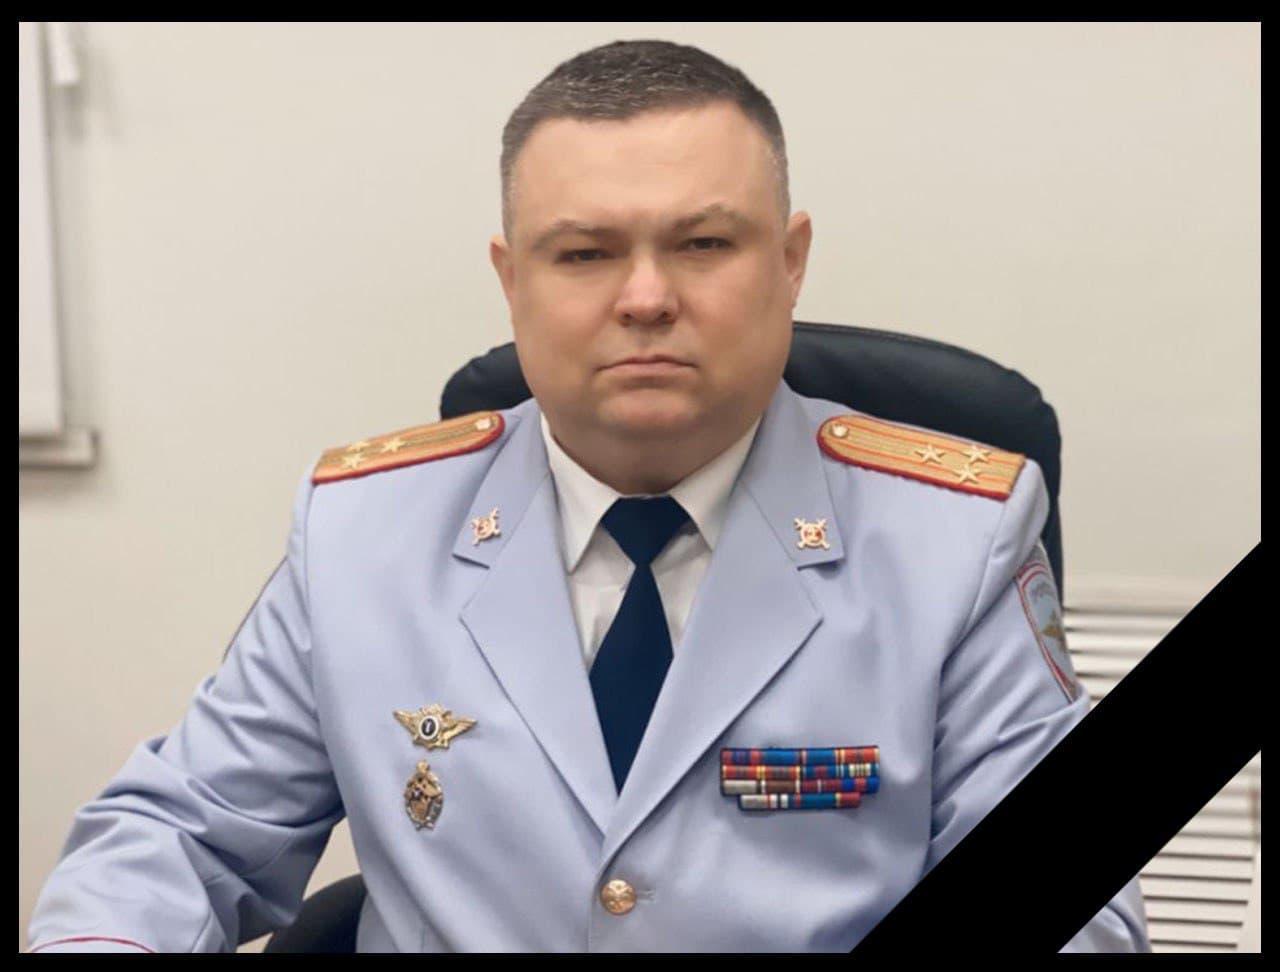 Скончался начальник УМВД России по Коломенскому городскому округу Вадим Зверев